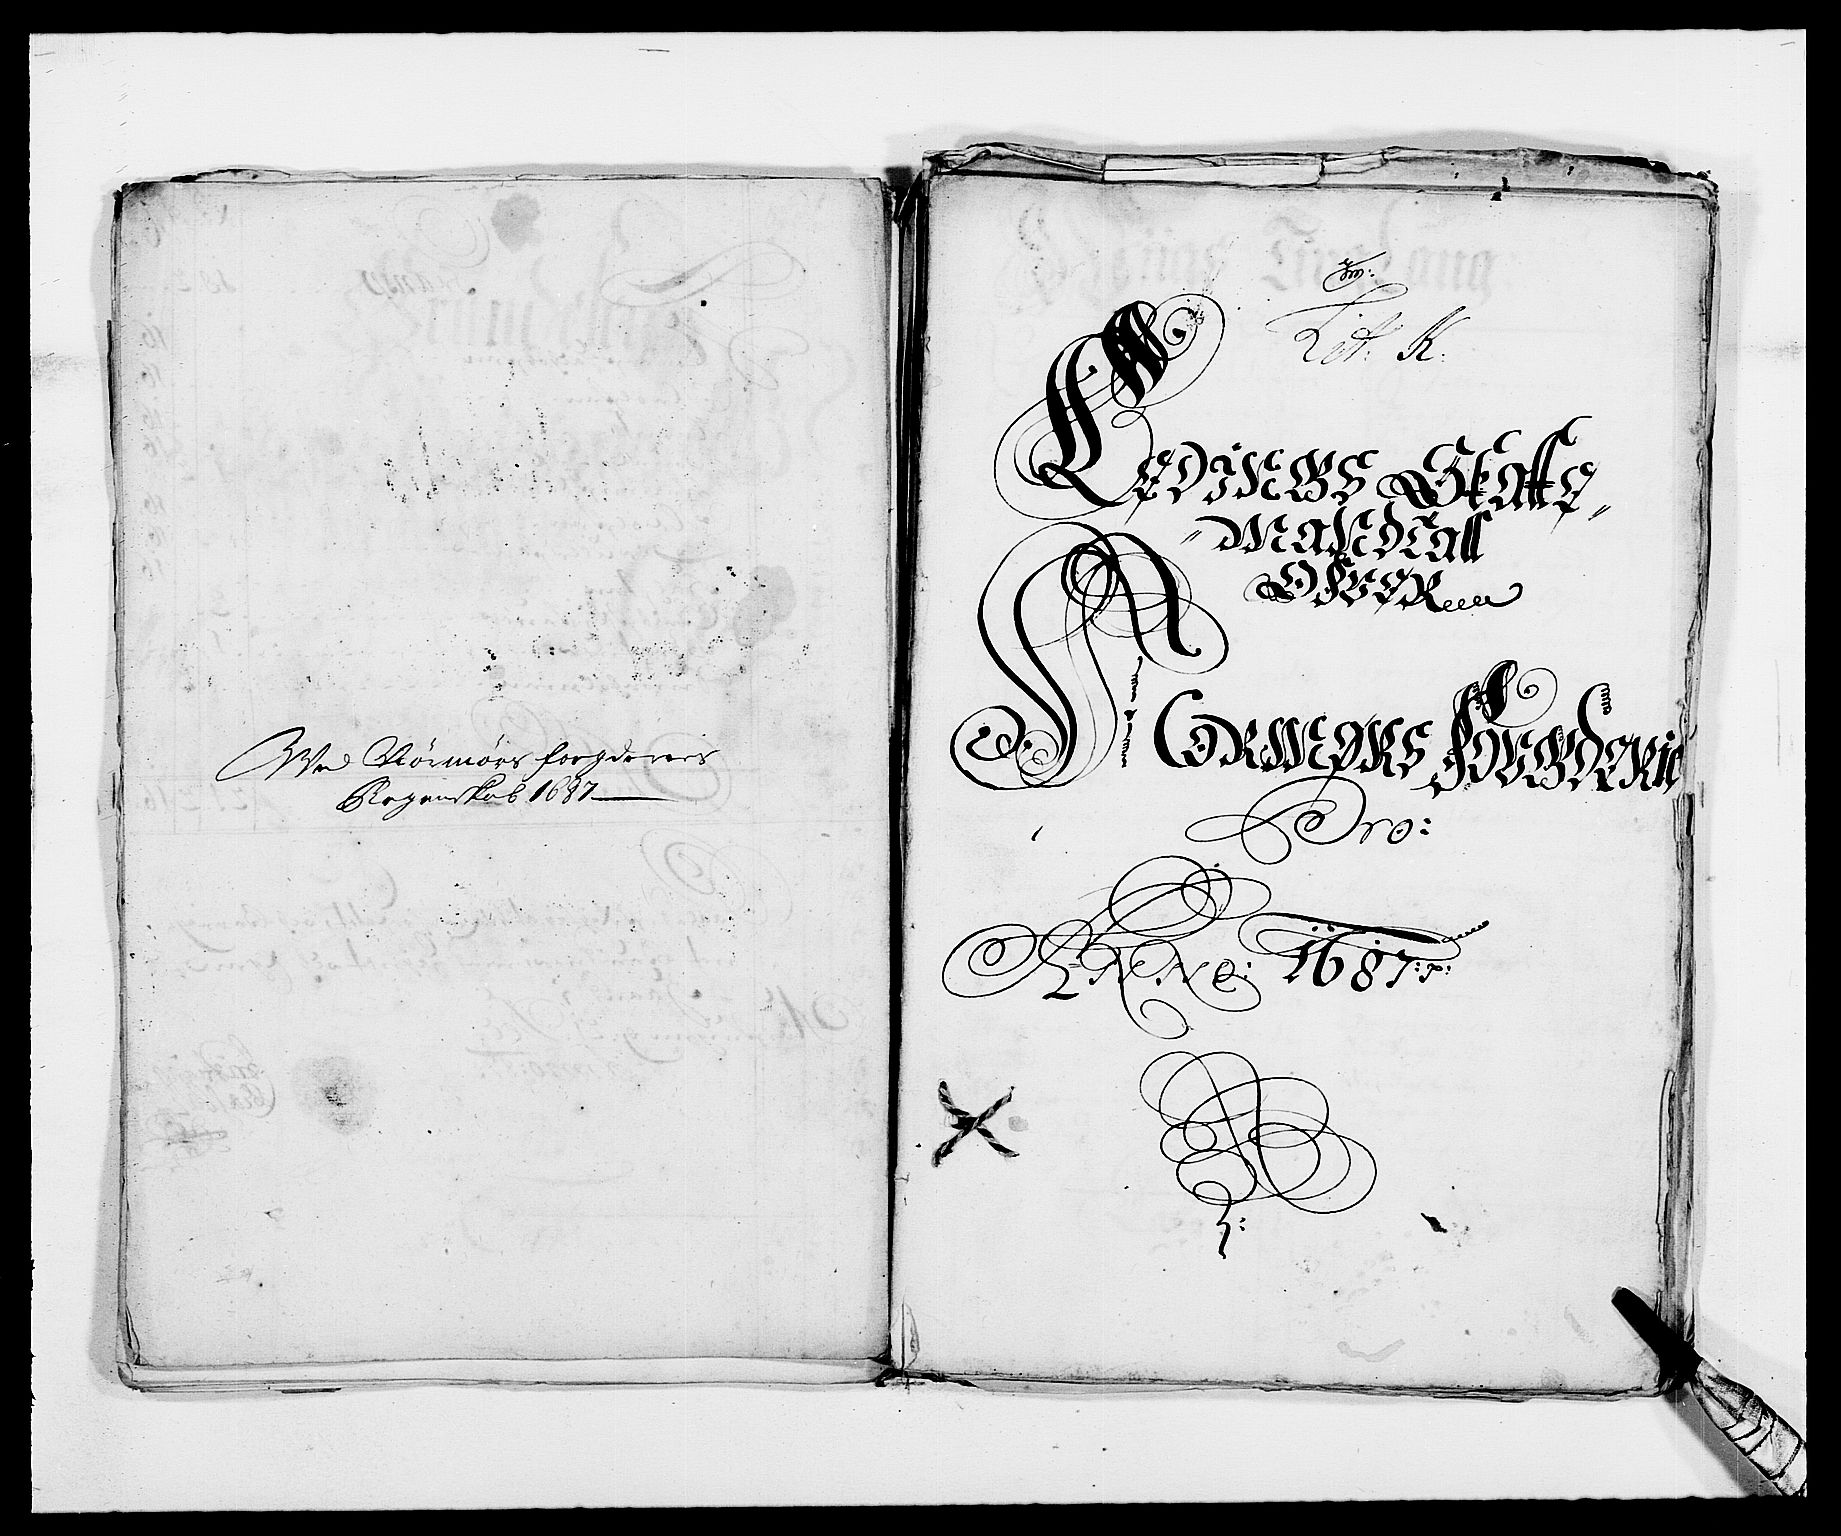 RA, Rentekammeret inntil 1814, Reviderte regnskaper, Fogderegnskap, R56/L3733: Fogderegnskap Nordmøre, 1687-1689, s. 91